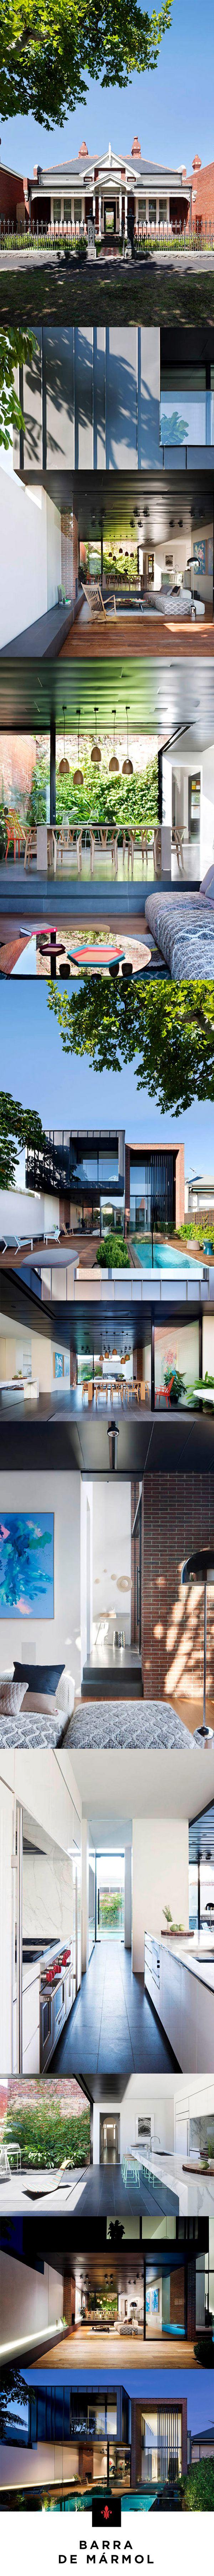 Casa Abstracta | Architectural Digest | Fachada | Estilo victoriano | Renovación | Arquitectura